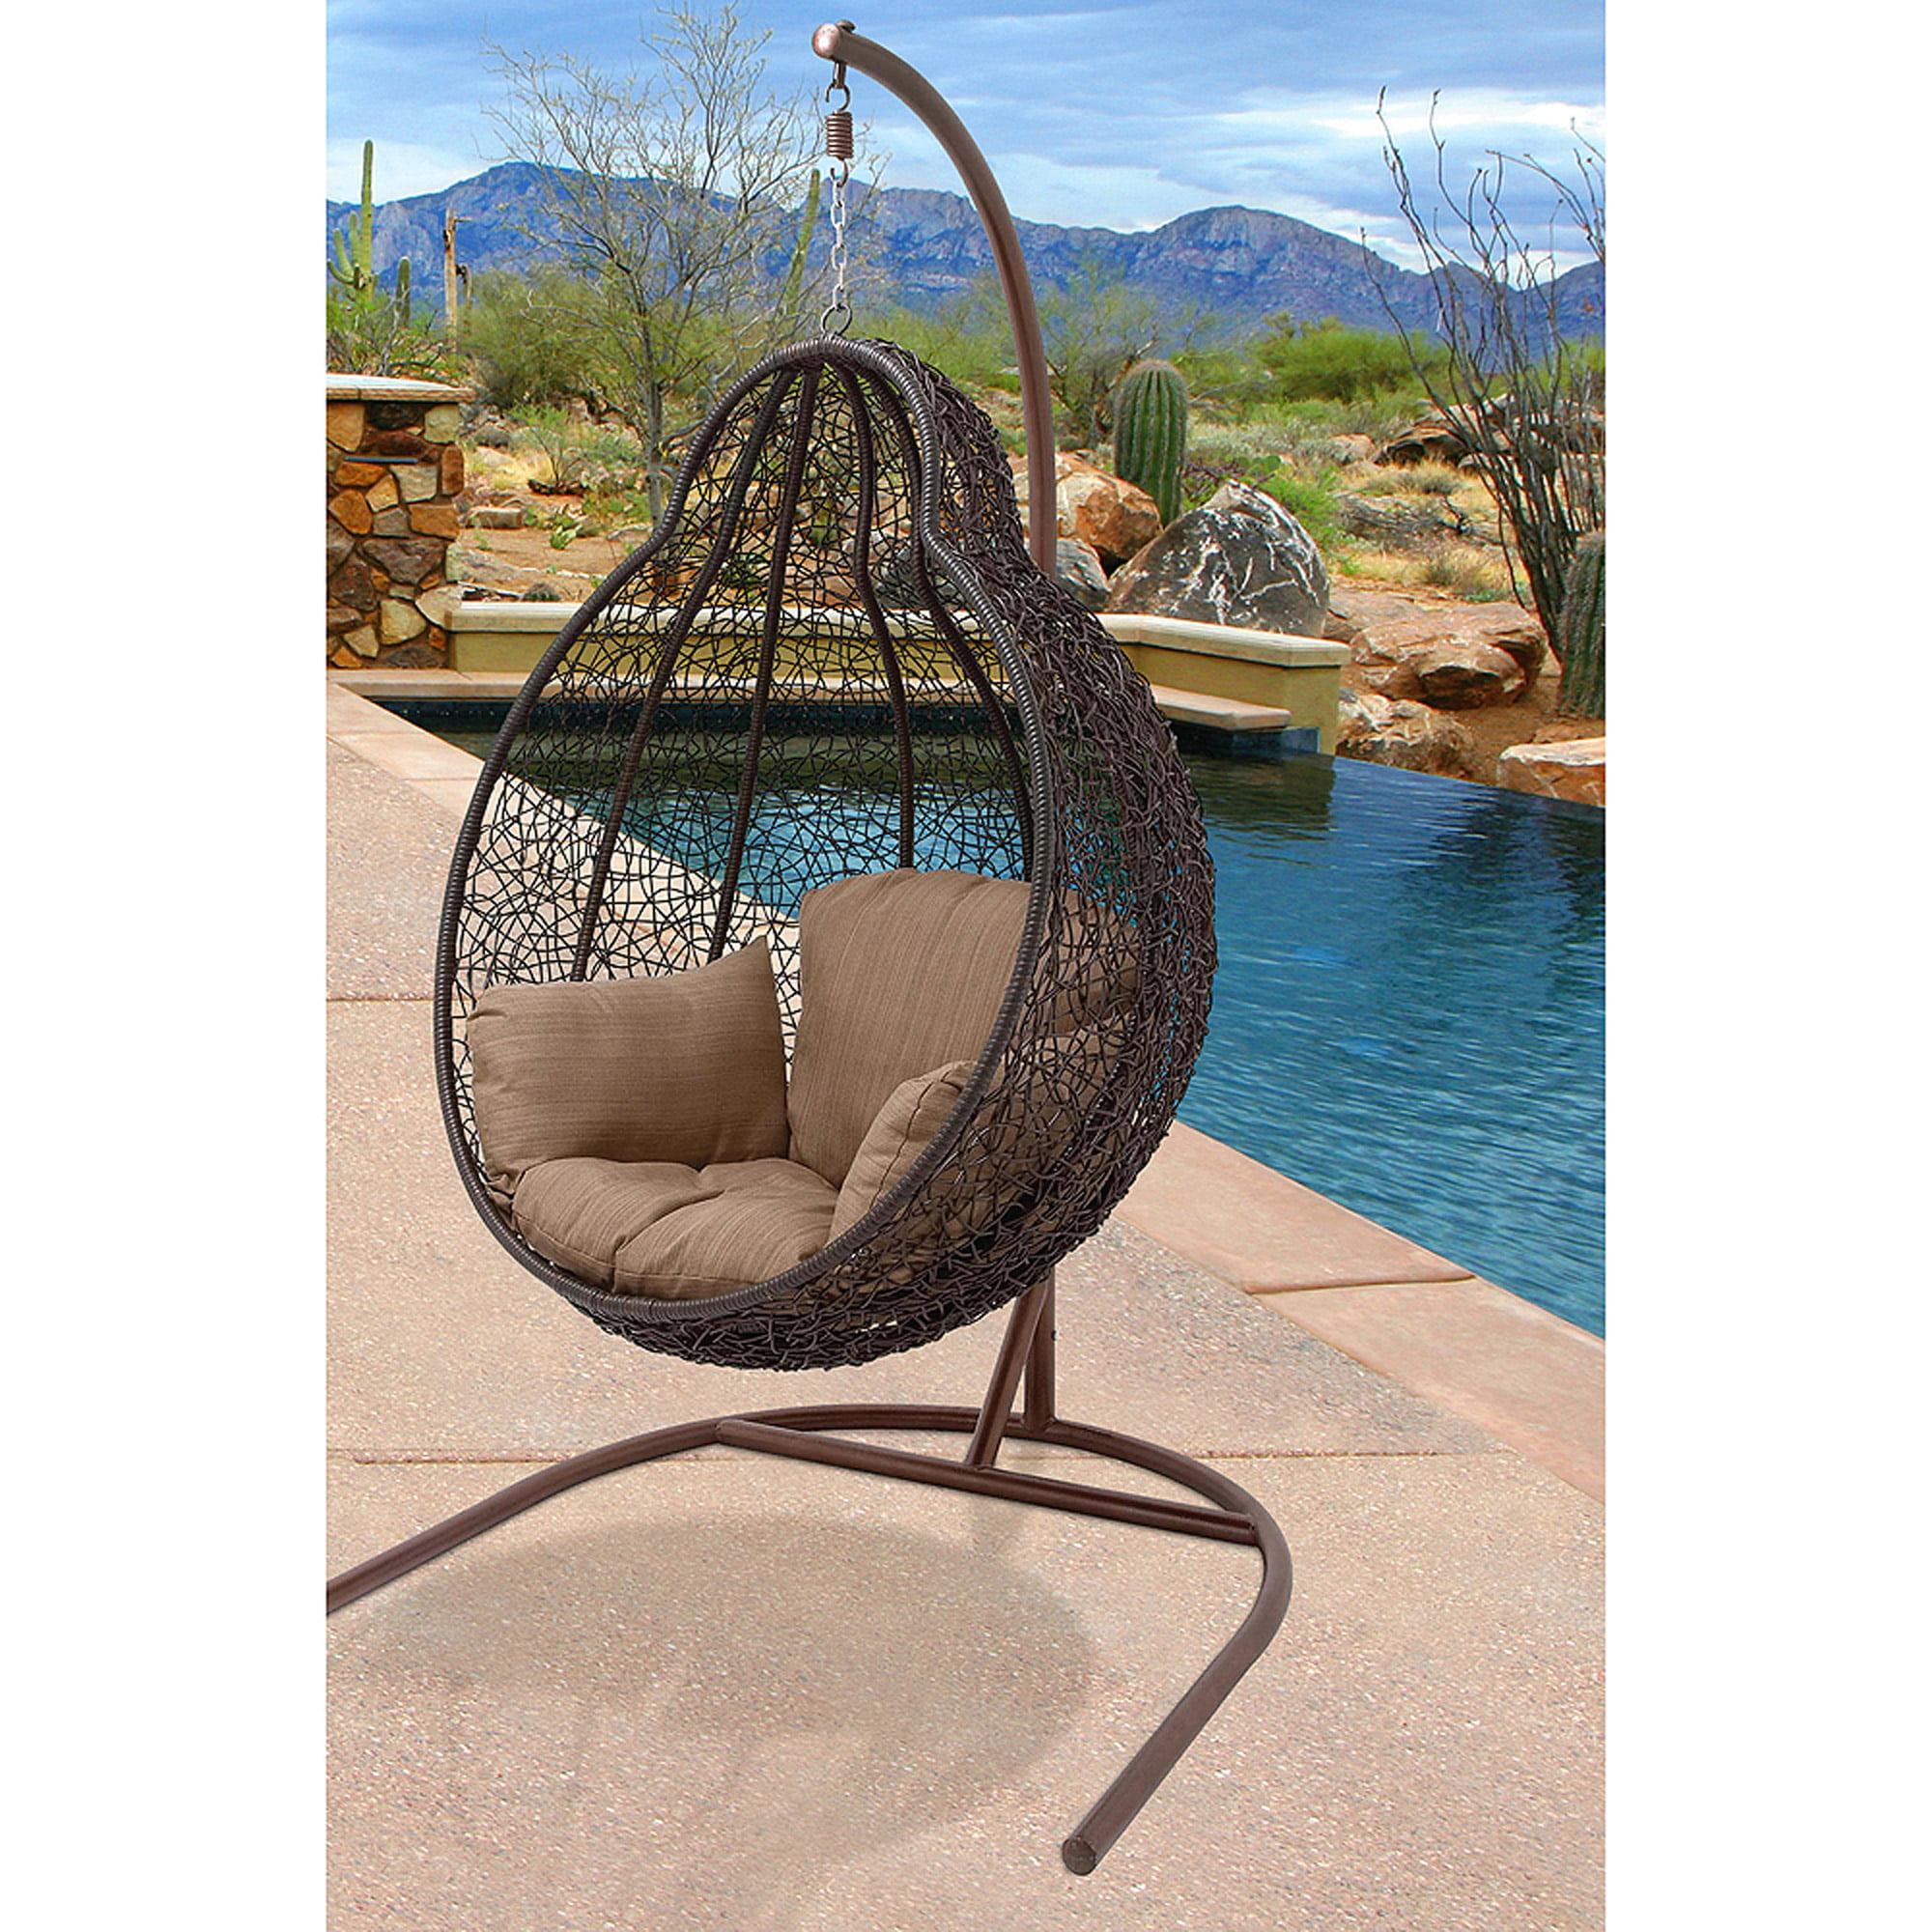 Hanging wicker egg chair - Hanover Egg Swing04 Outdoor Wicker Rattan Hanging Egg Chair Swing Brown Tan Walmart Com